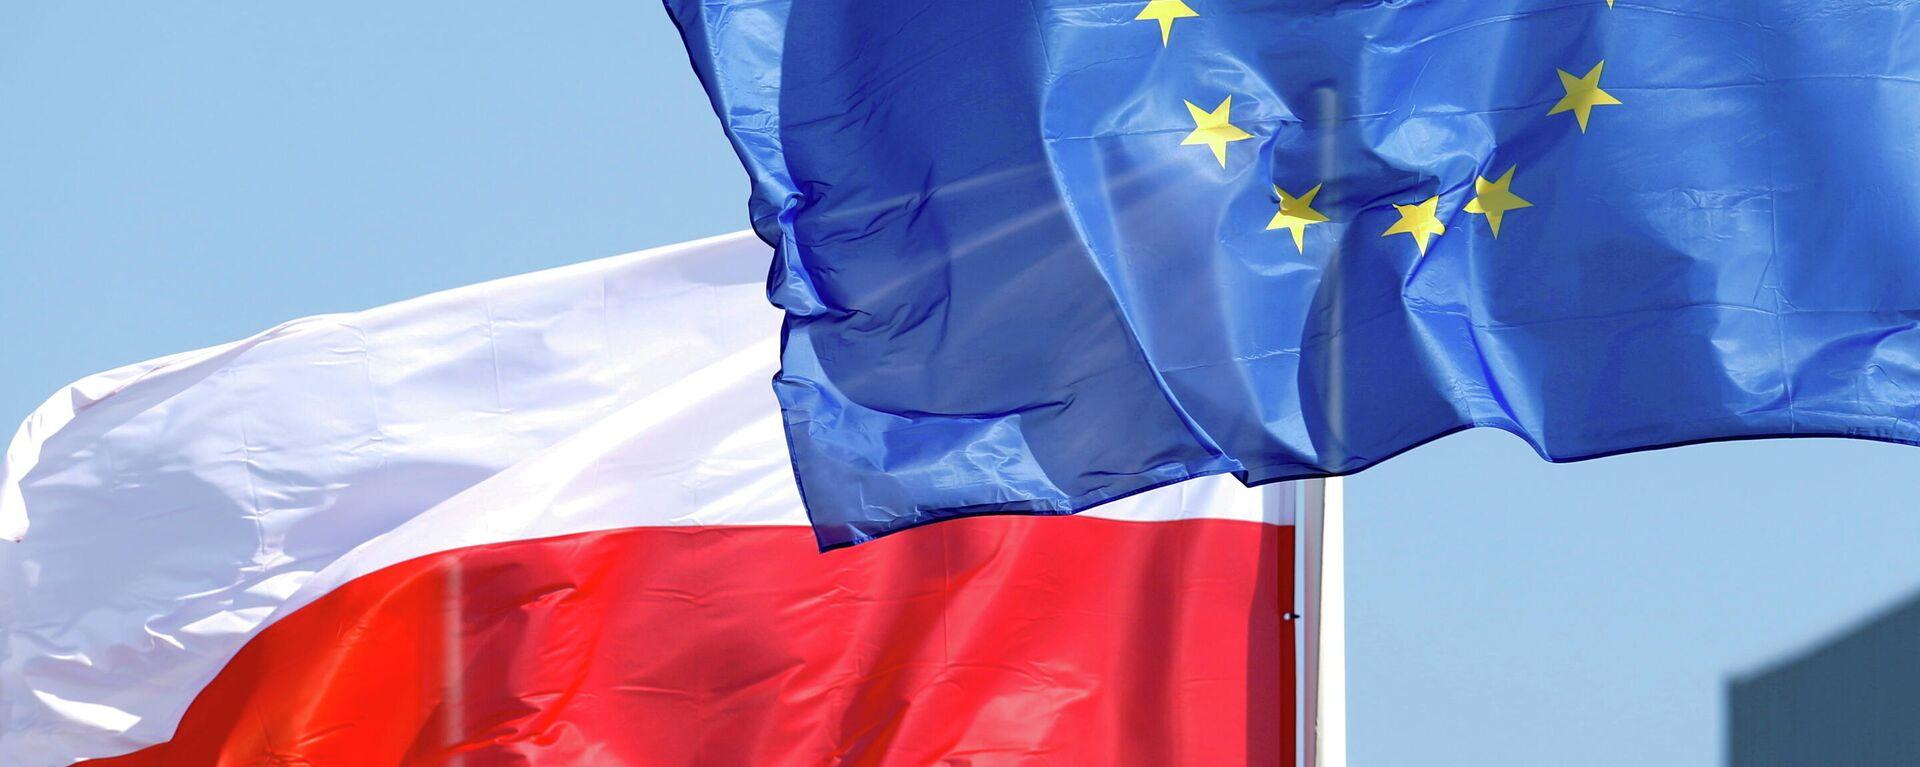 Banderas de Polonia y la UE - Sputnik Mundo, 1920, 08.10.2021